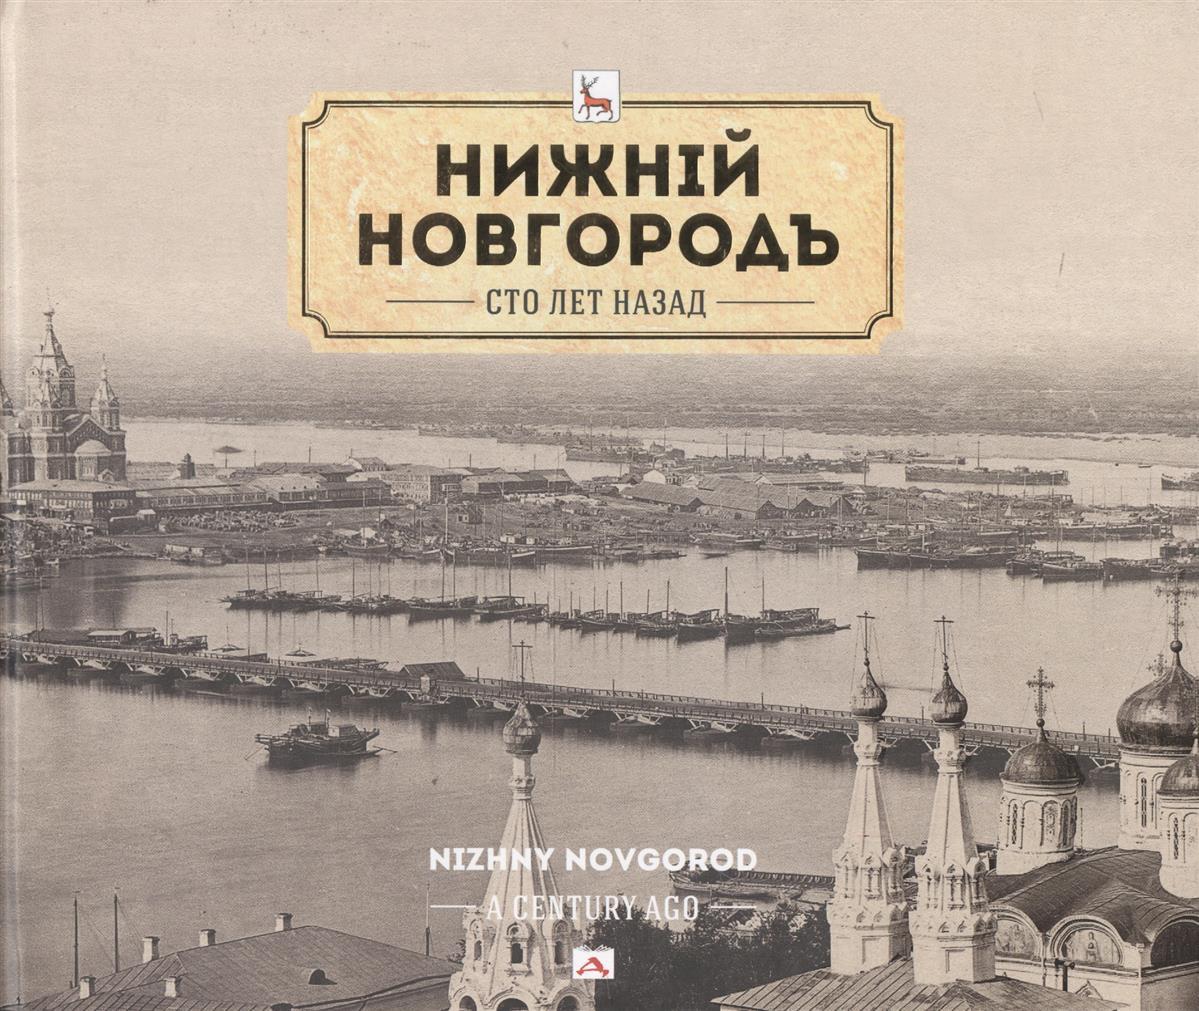 Гройсман Я. и др. Нижний Новгород сто лет назад. Альбом